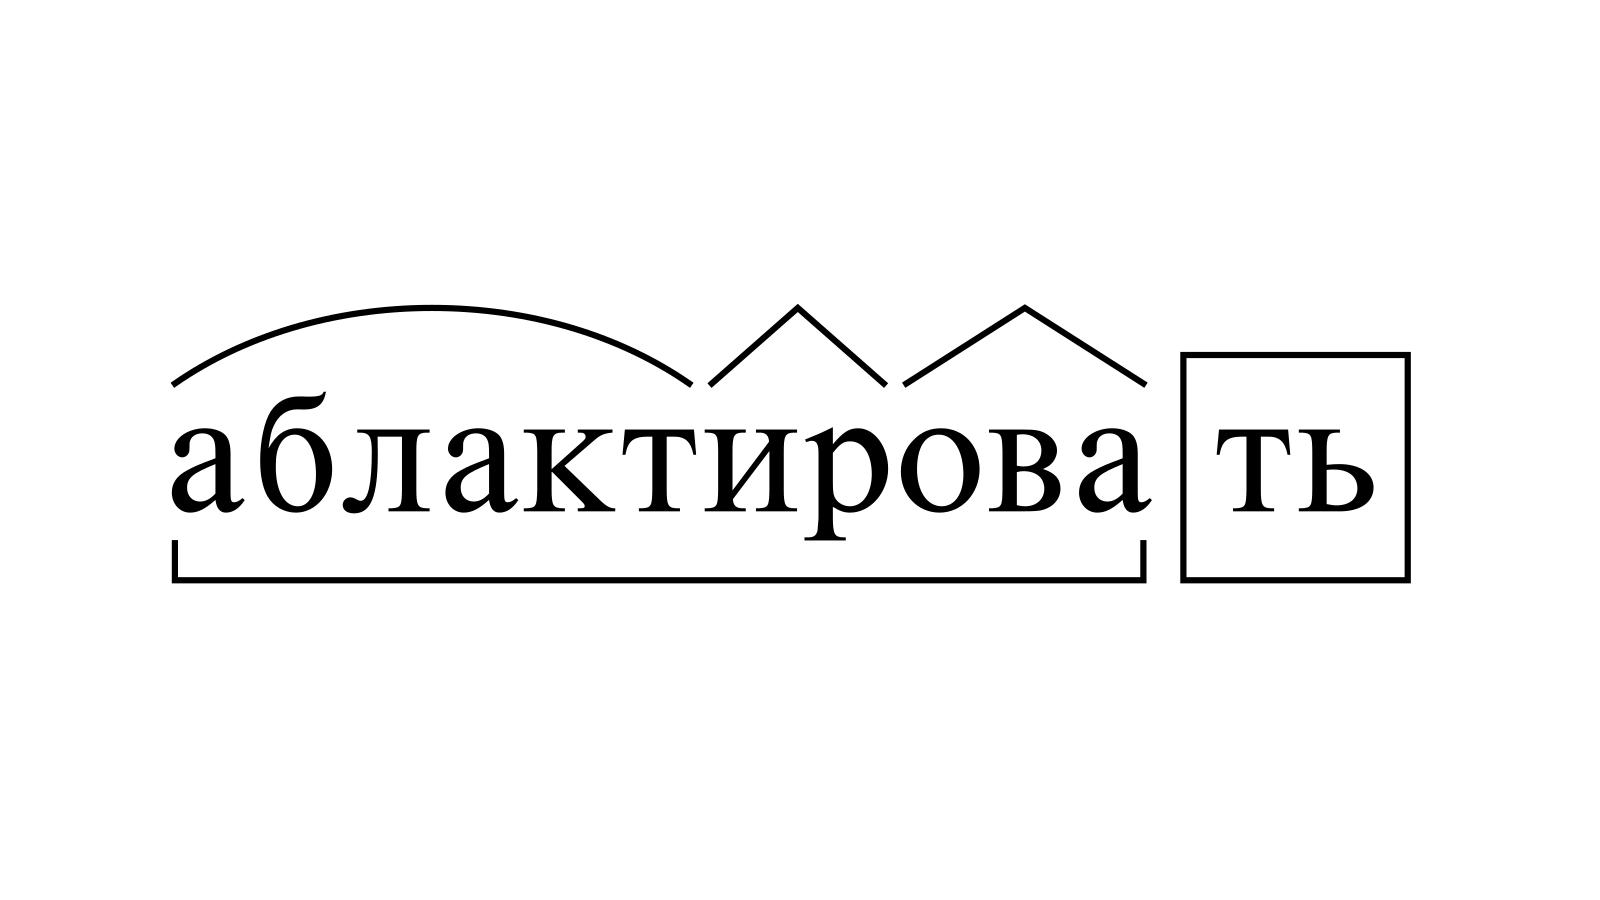 Разбор слова «аблактировать» по составу